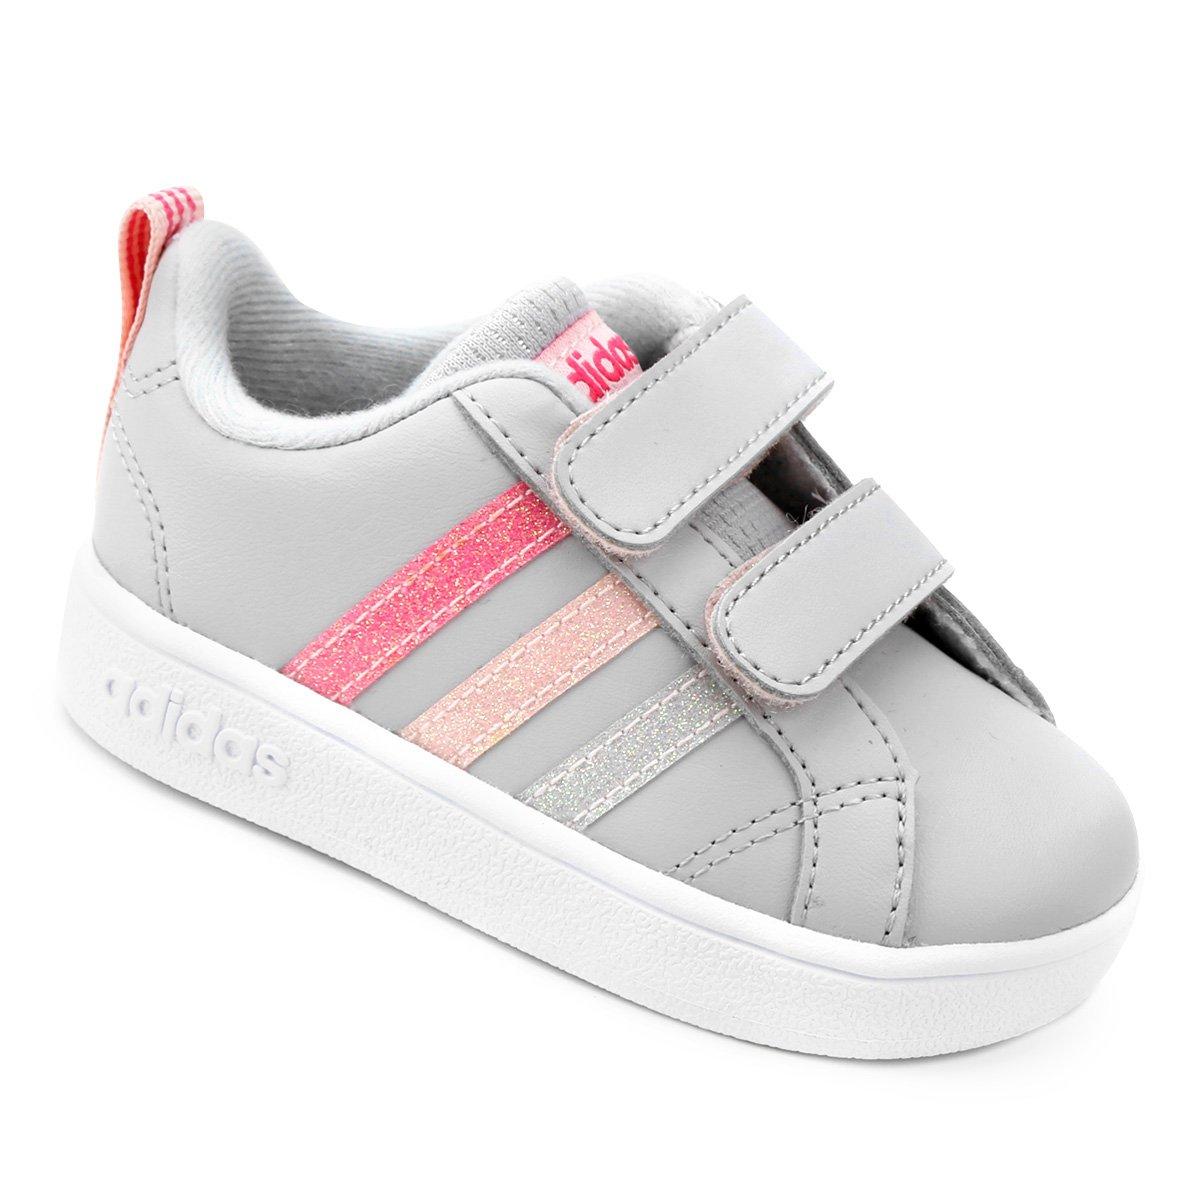 3752e753ea Tênis Infantil Adidas Vs Advantage Cmf - Compre Agora